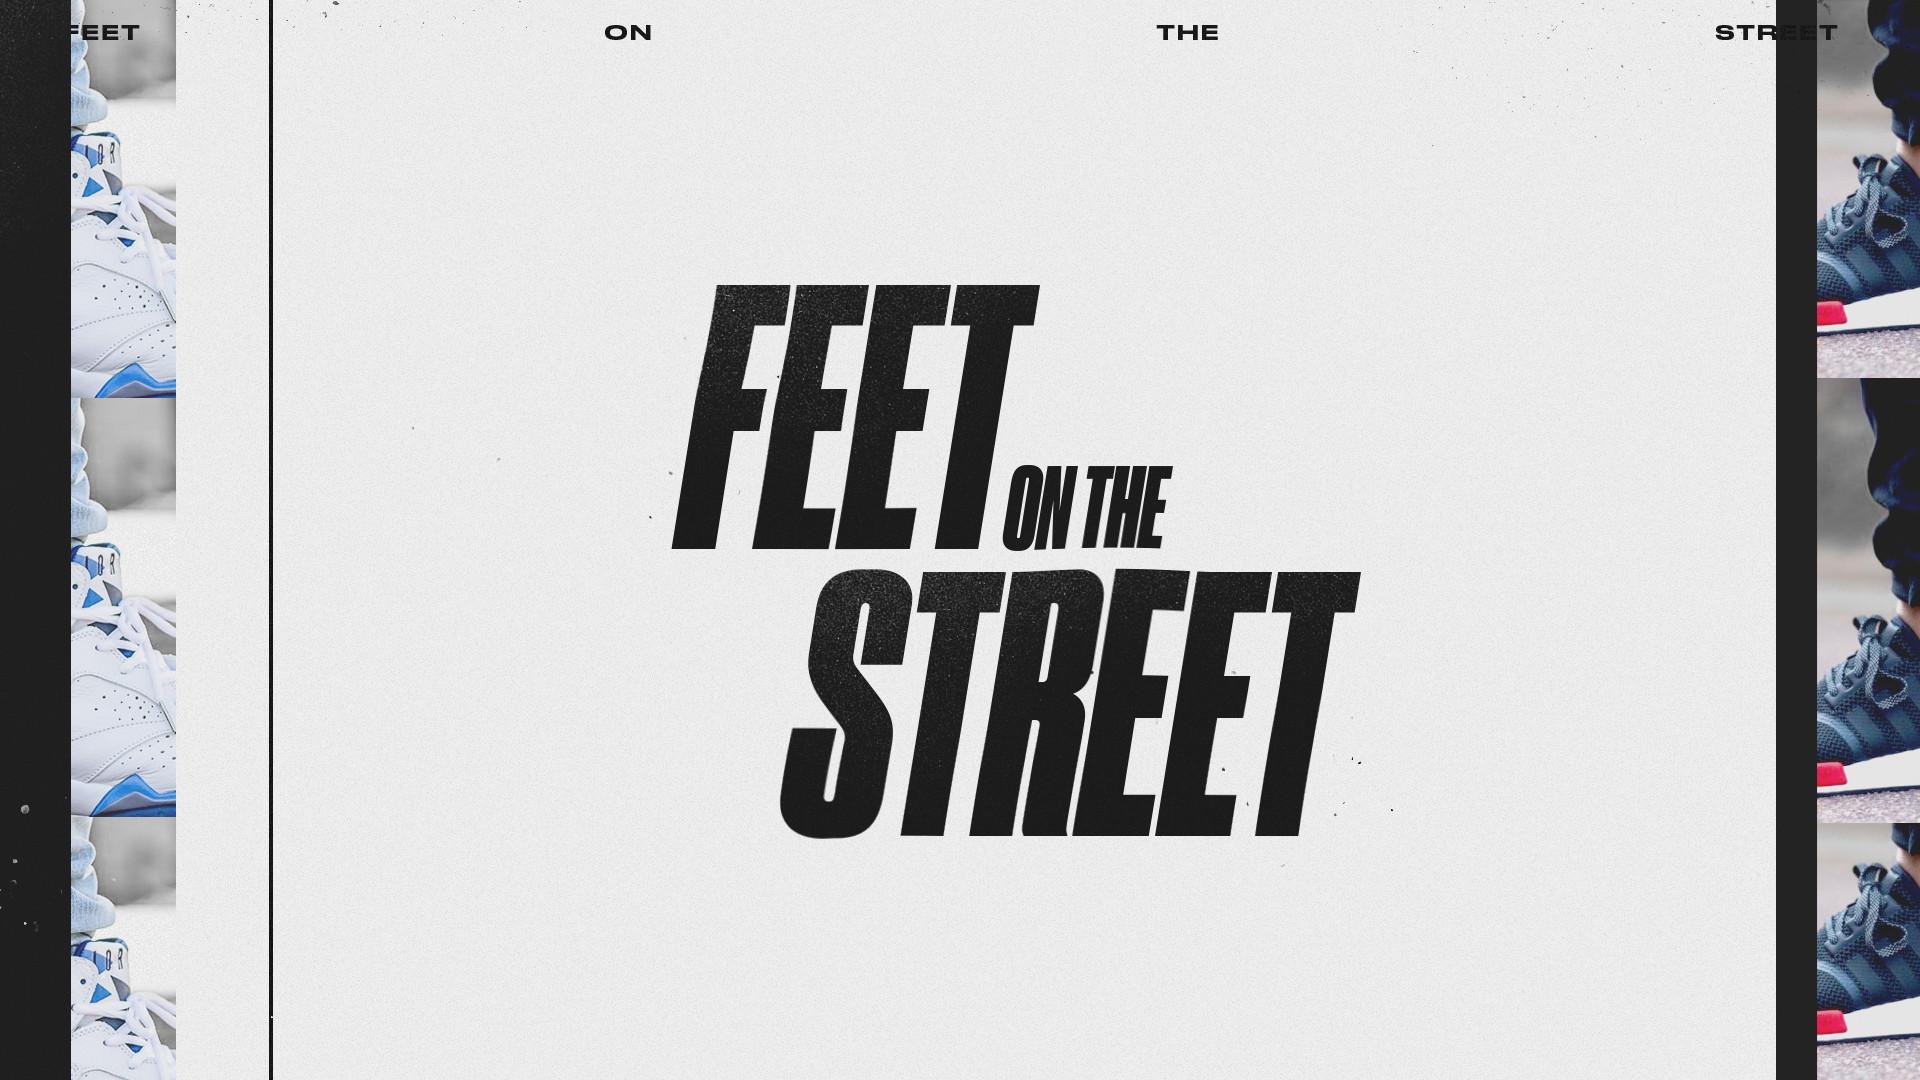 feetonthestreet_03.jpg